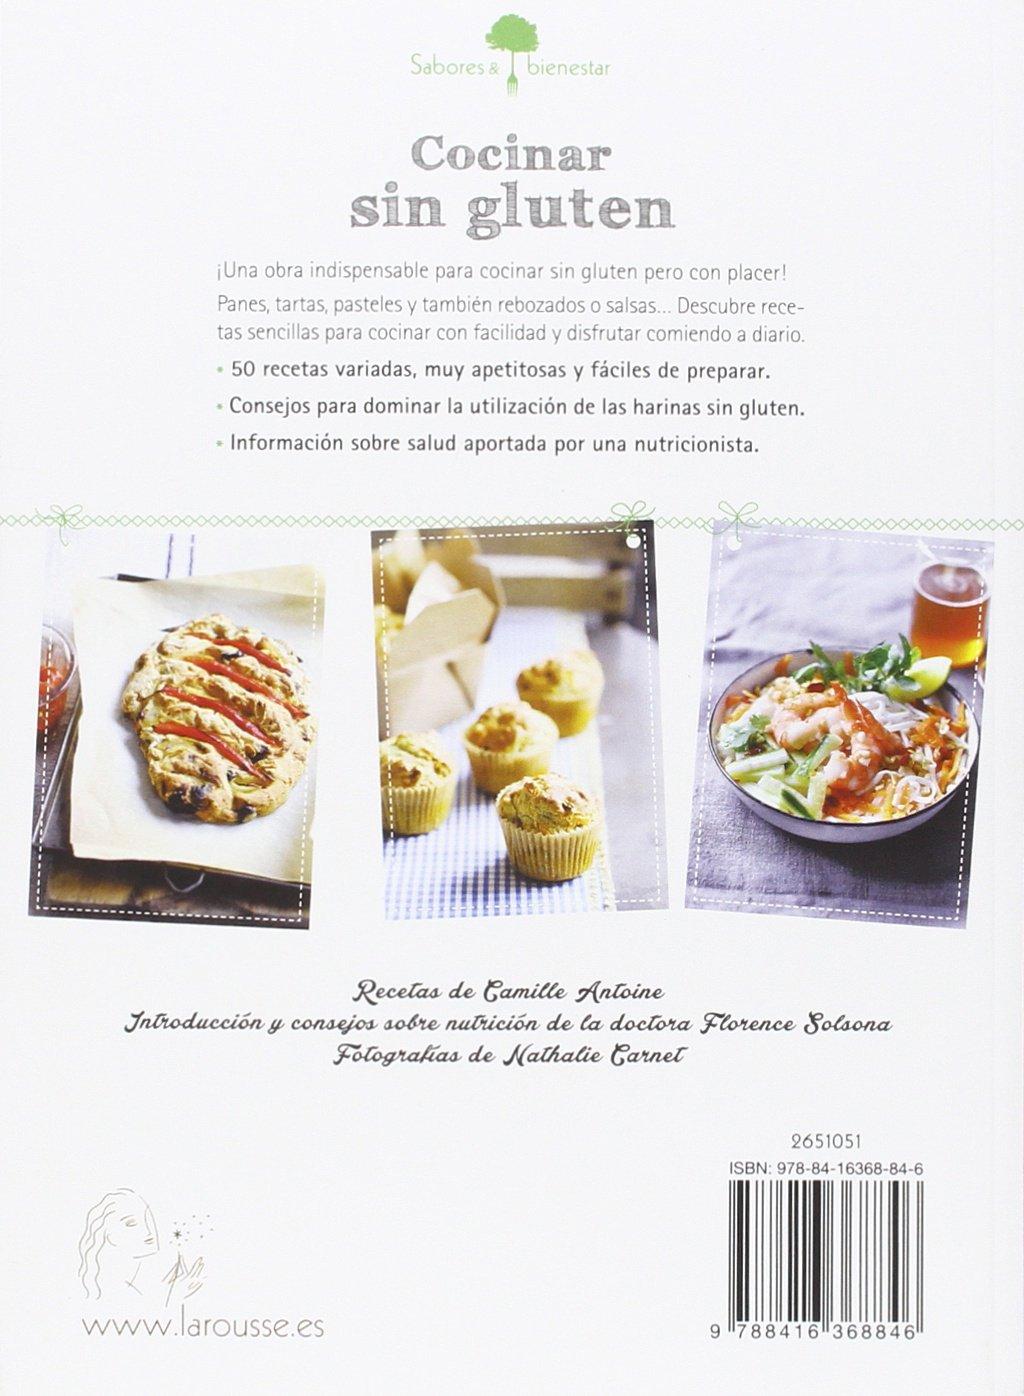 Sabores & Bienestar: Cocinar sin gluten Larousse - Libros Ilustrados/ Prácticos - Gastronomía: Amazon.es: Larousse Editorial, Imma Estany: Libros